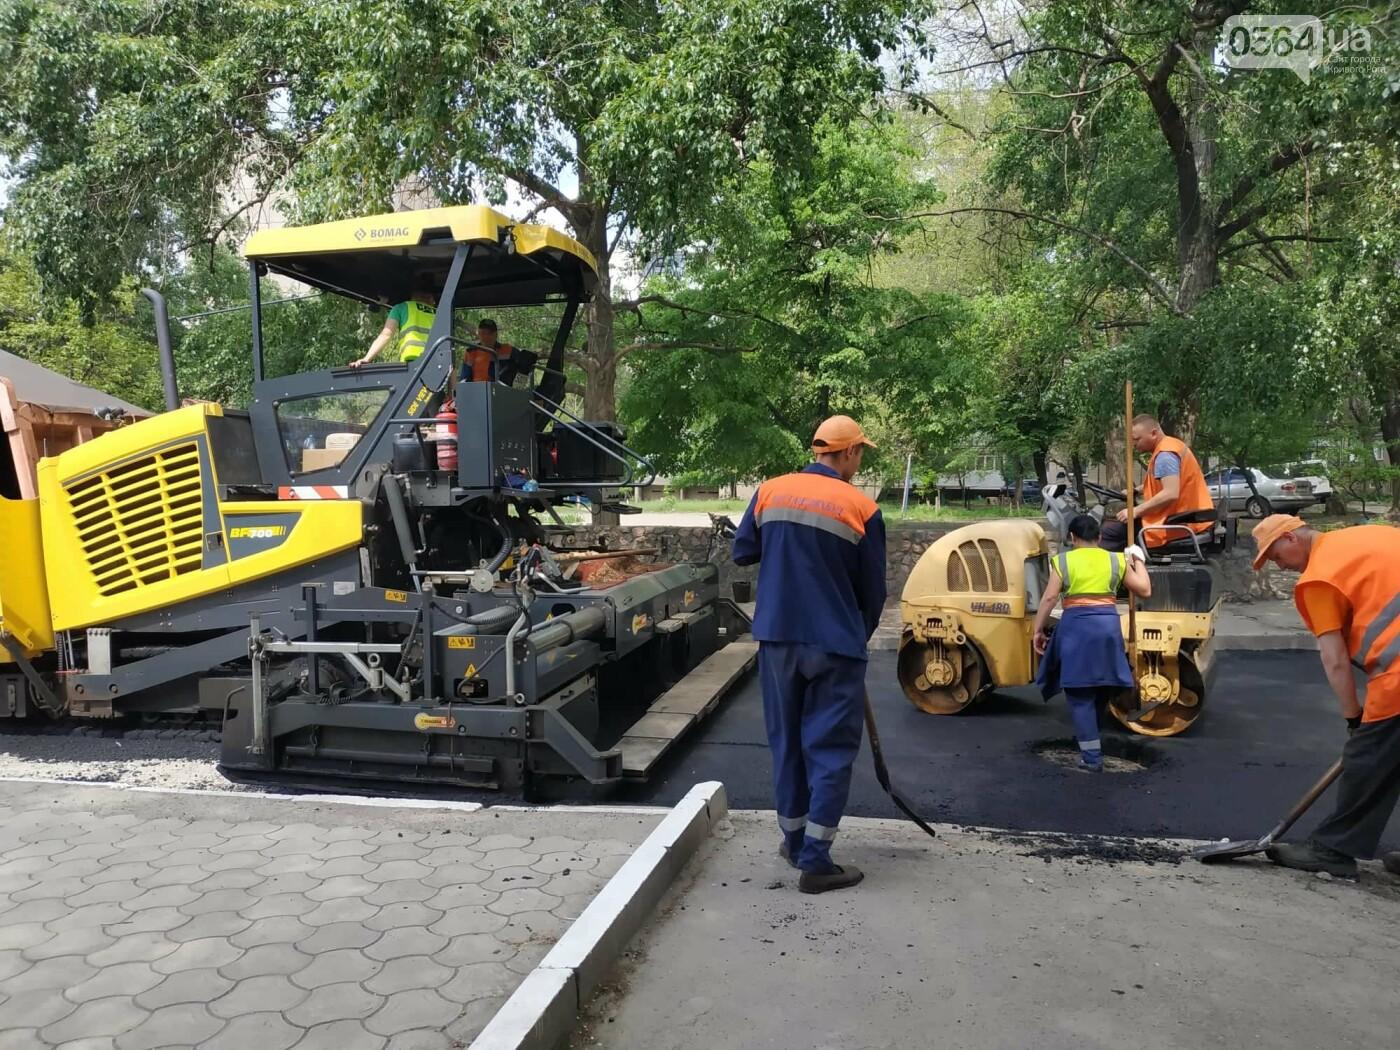 Благоустройство города: в Кривом Роге полным ходом идут ремонты дорог, фото-4